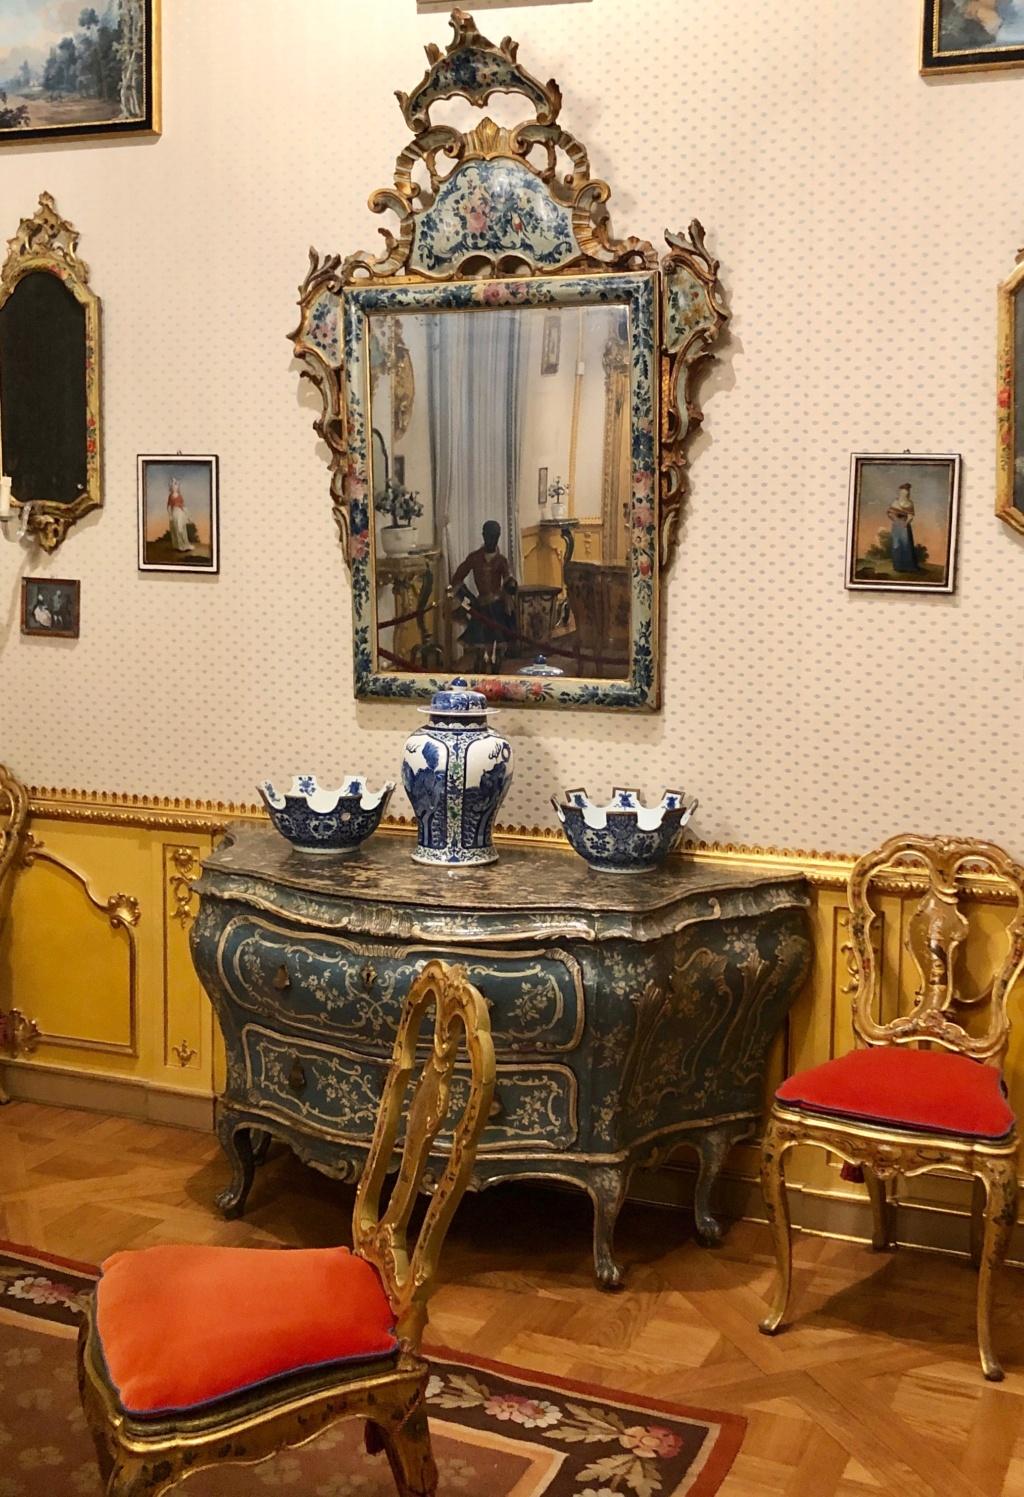 Visite de la Fondation Accorsi - Ometto, musée des arts décoratifs (Turin) : le Cognacq-Jay turinois Img_5531